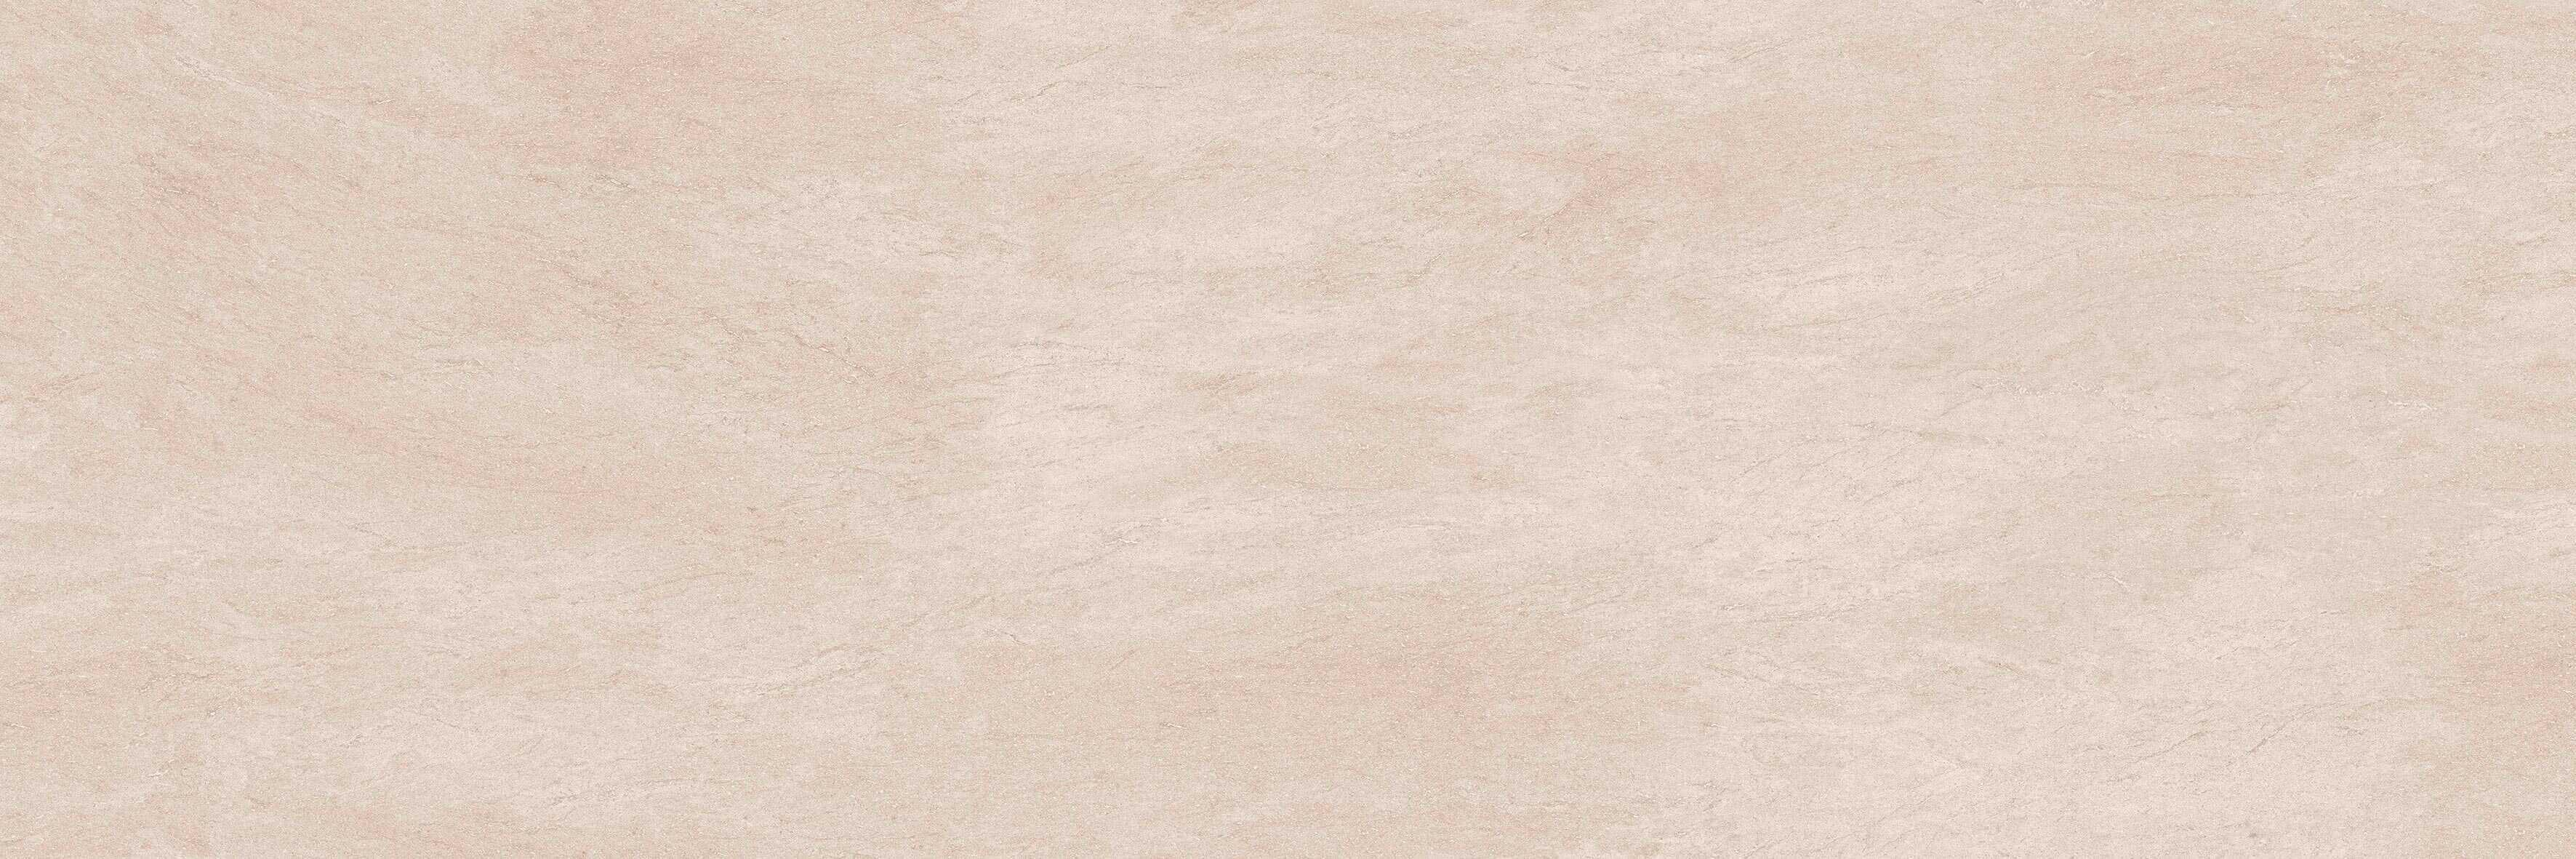 80bn71e_basaltina-beige-e1-1200x3600_rgb_slide